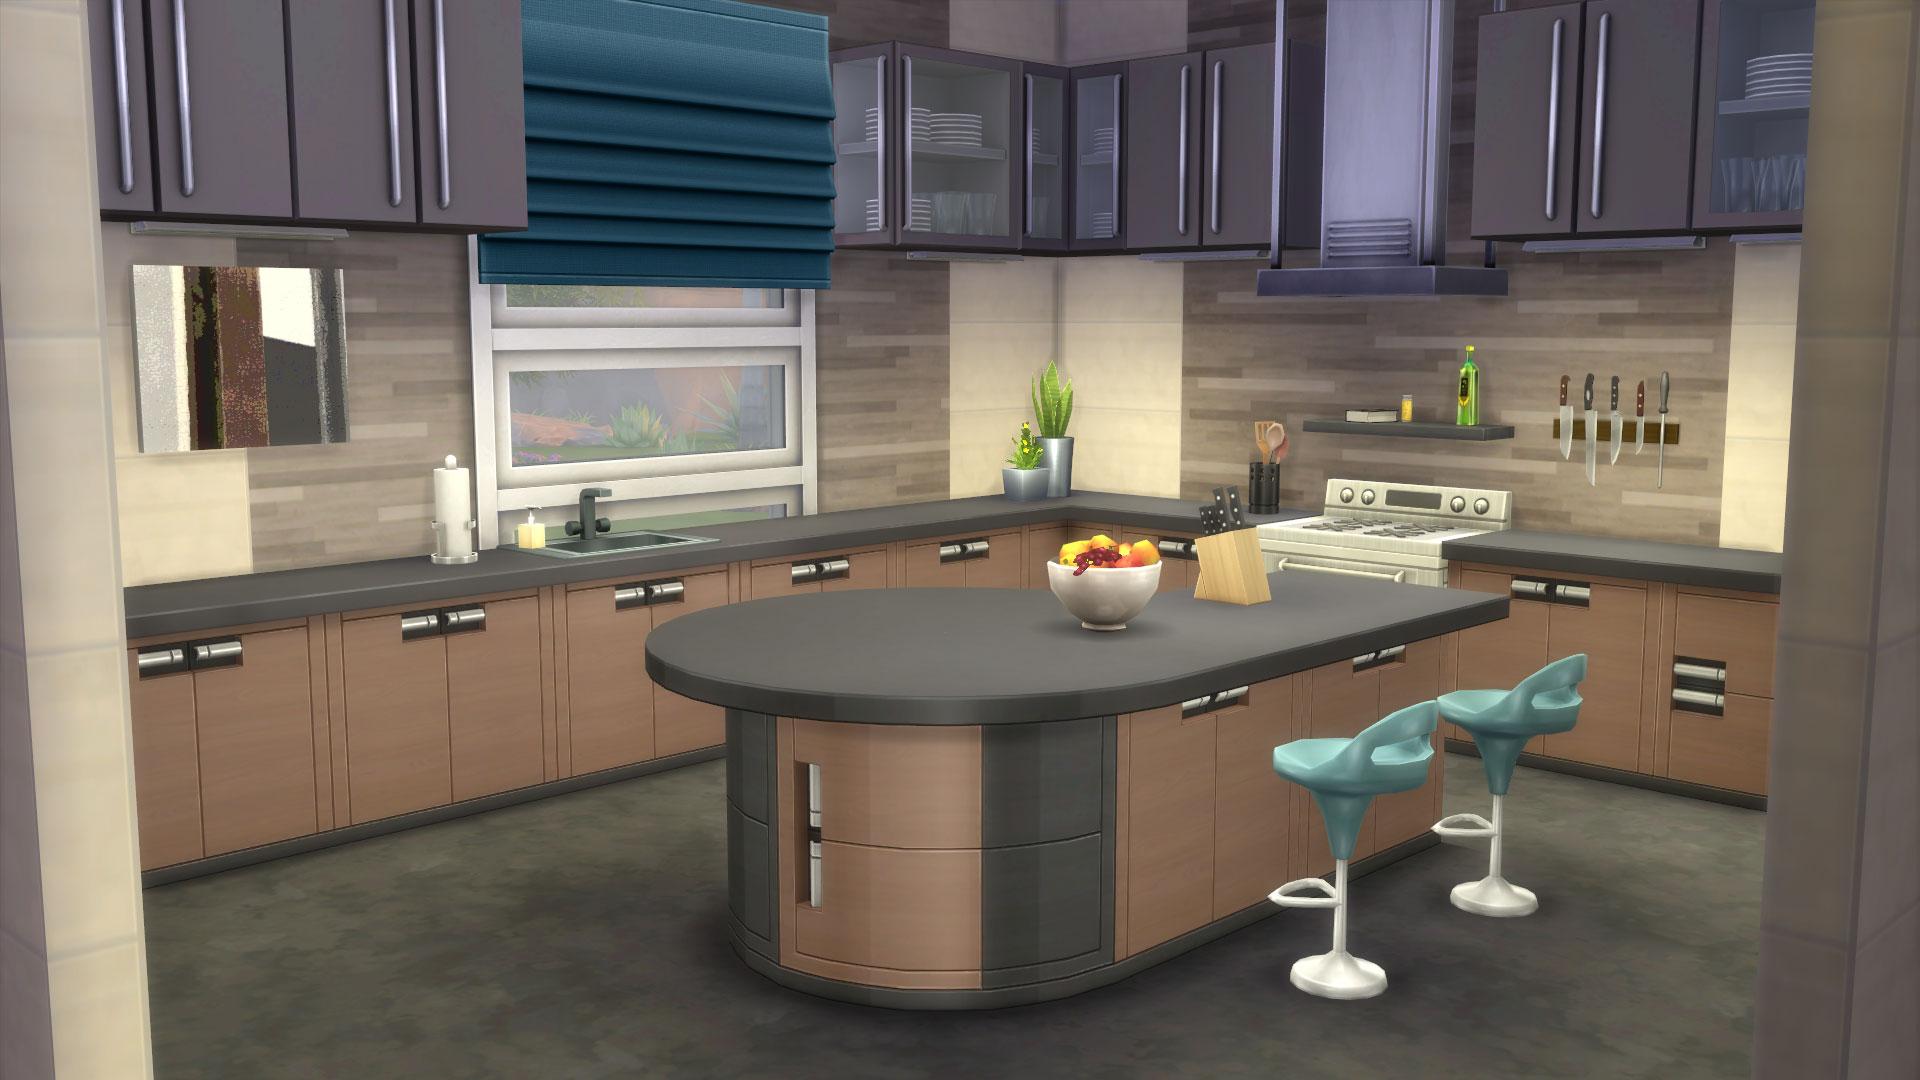 Community blog zo maak je een prachtige keuken in de sims for Eigen keuken bouwen